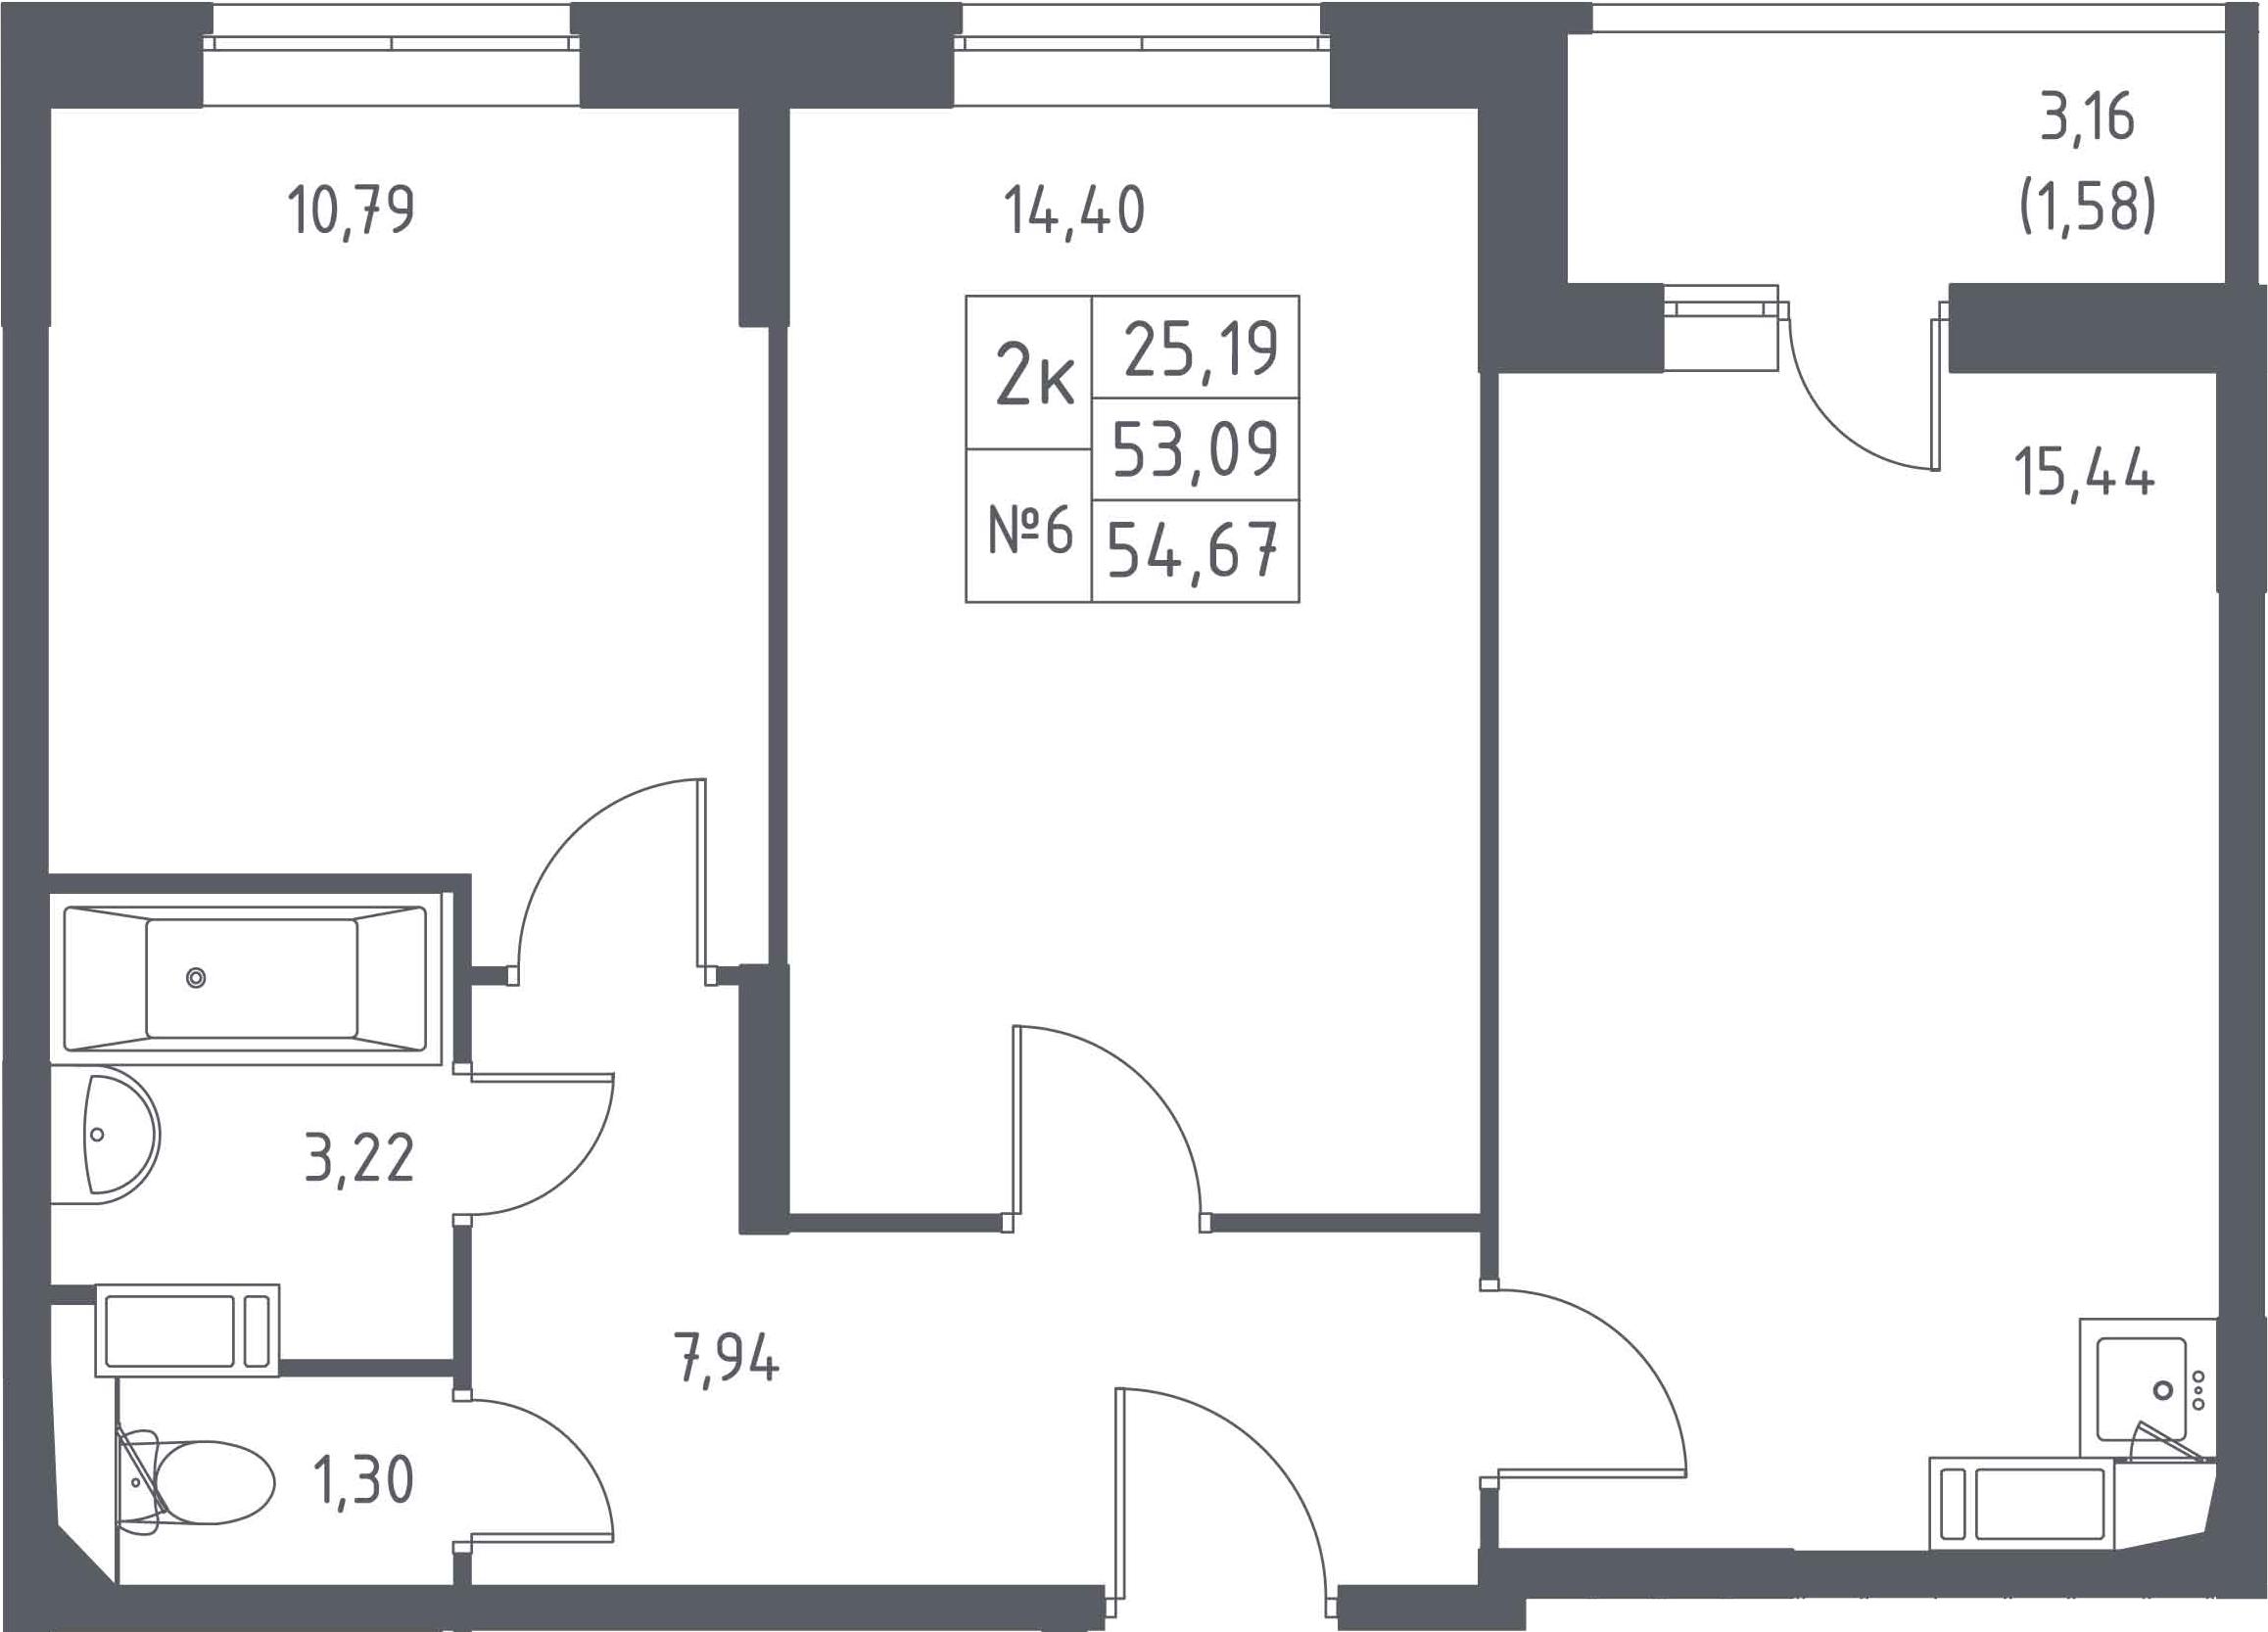 2-комнатная, 54.67 м²– 2